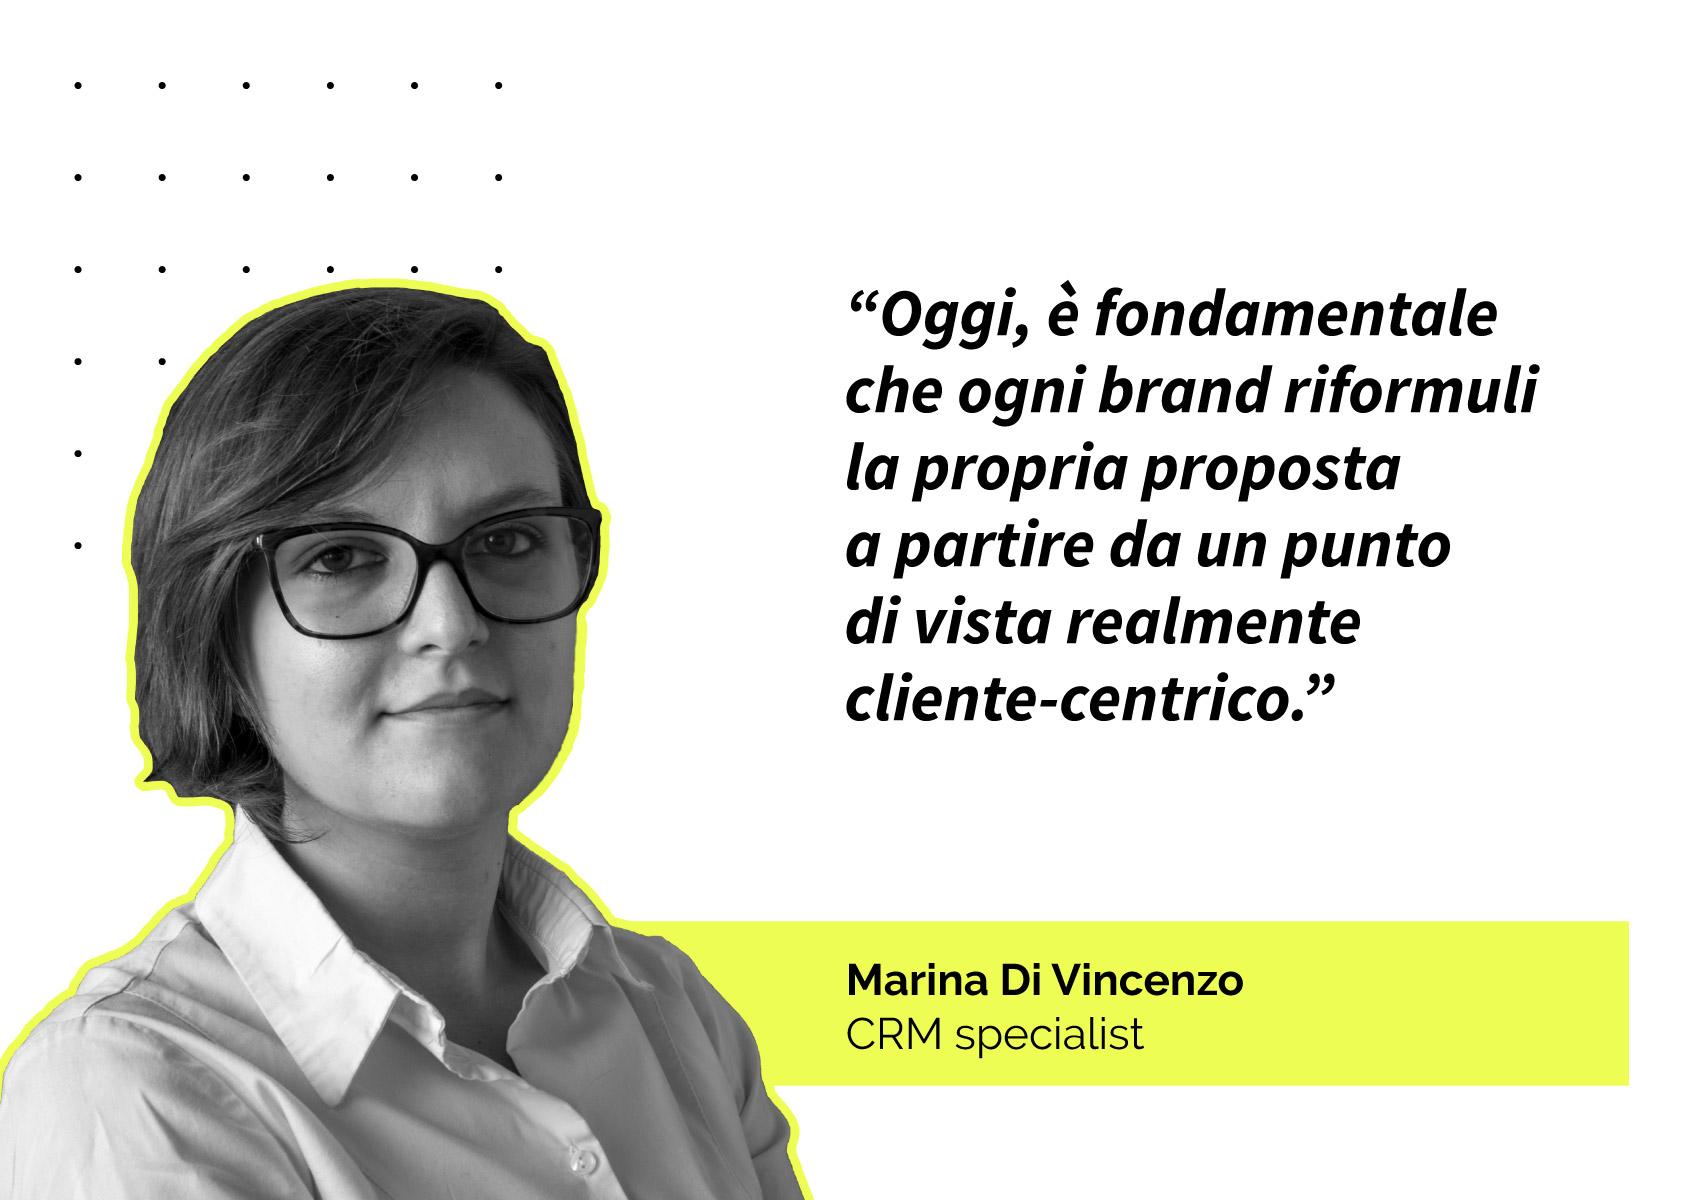 """QUOTE: """"Oggi, è fondamentale che ogni brand riformuli la propria proposta a partire da un punto di vista realmente cliente-centrico."""""""